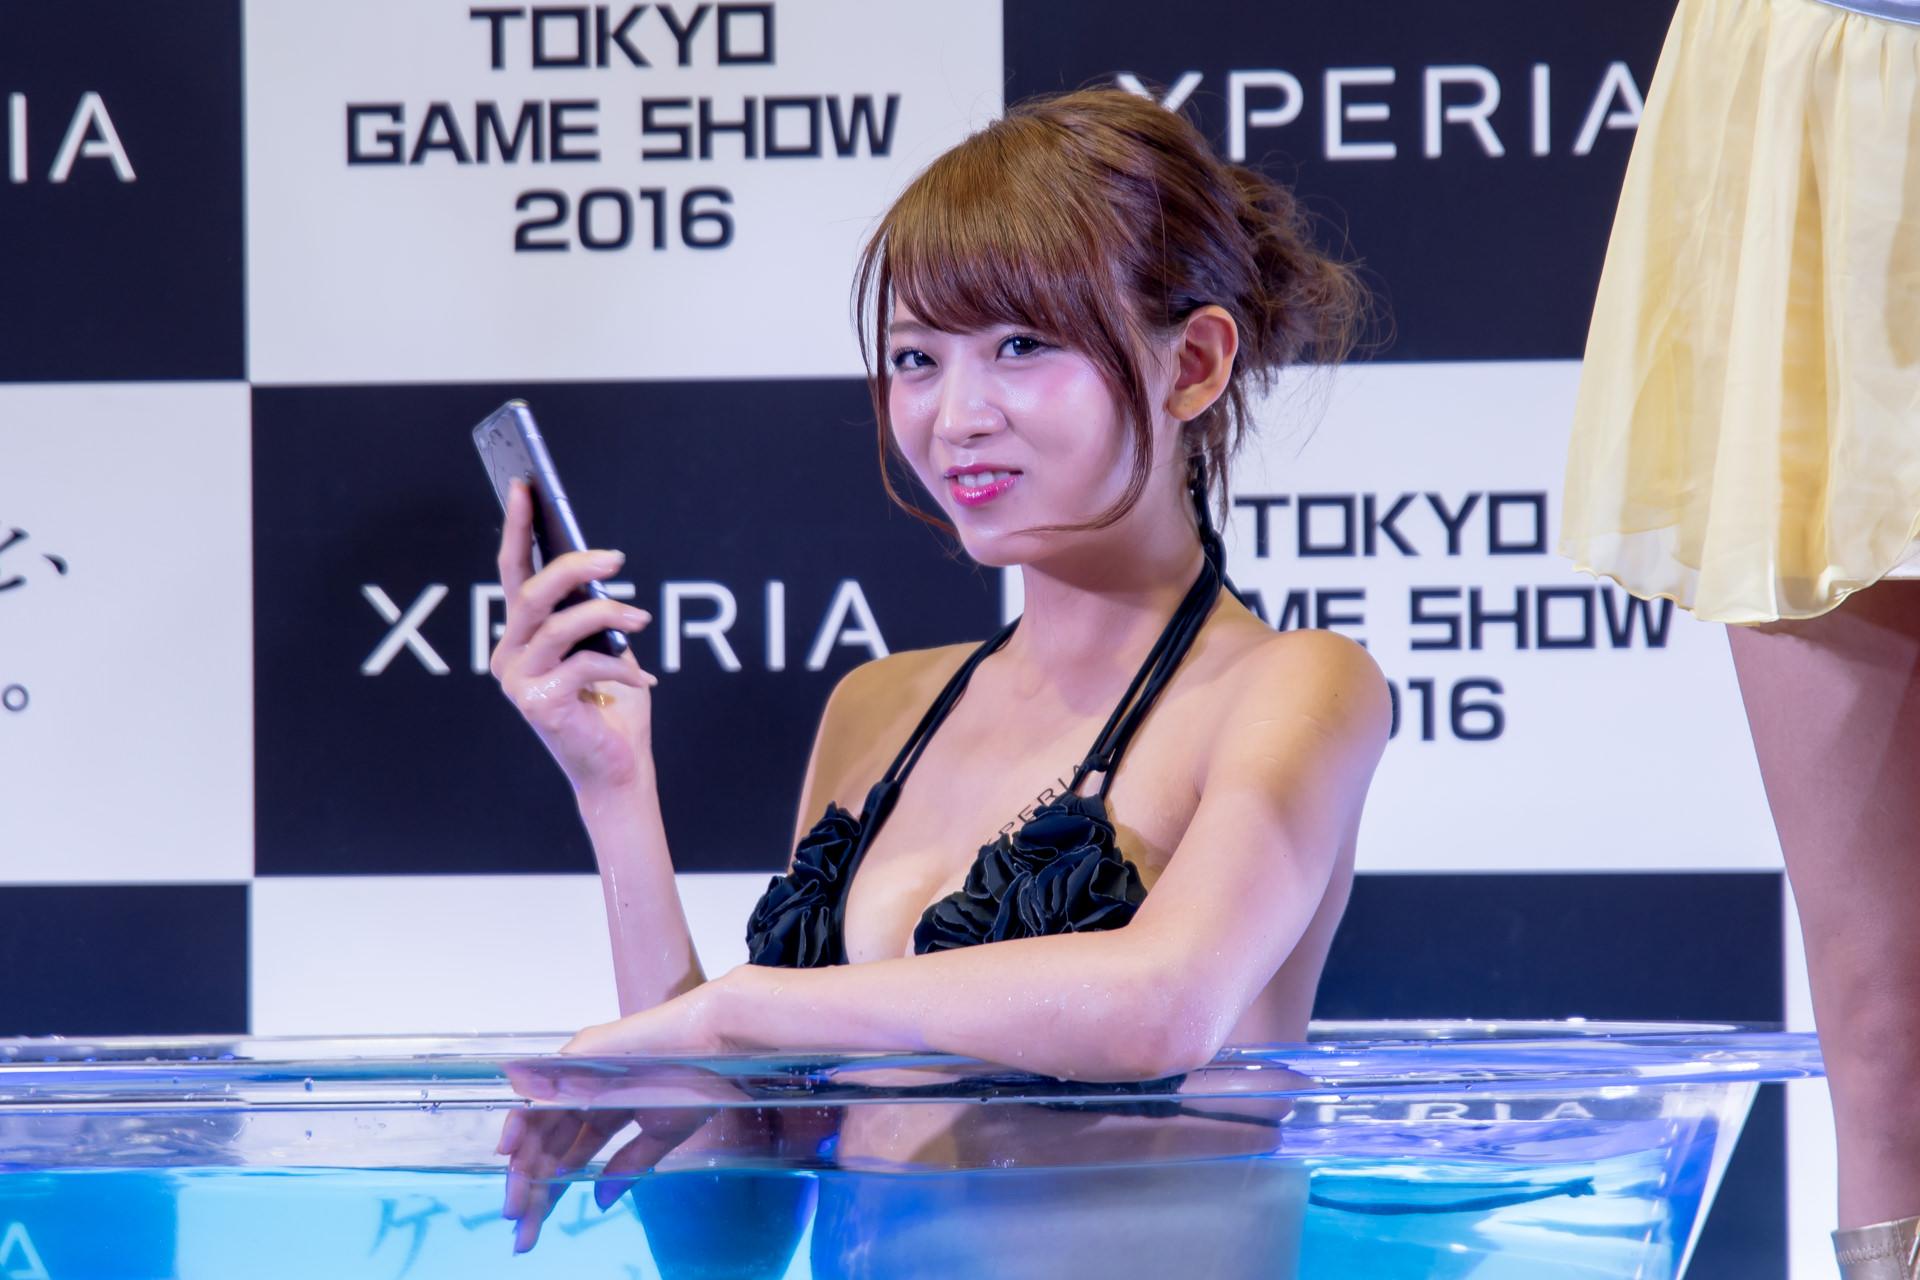 TGS 2016 Xperia 風呂ペリア_09